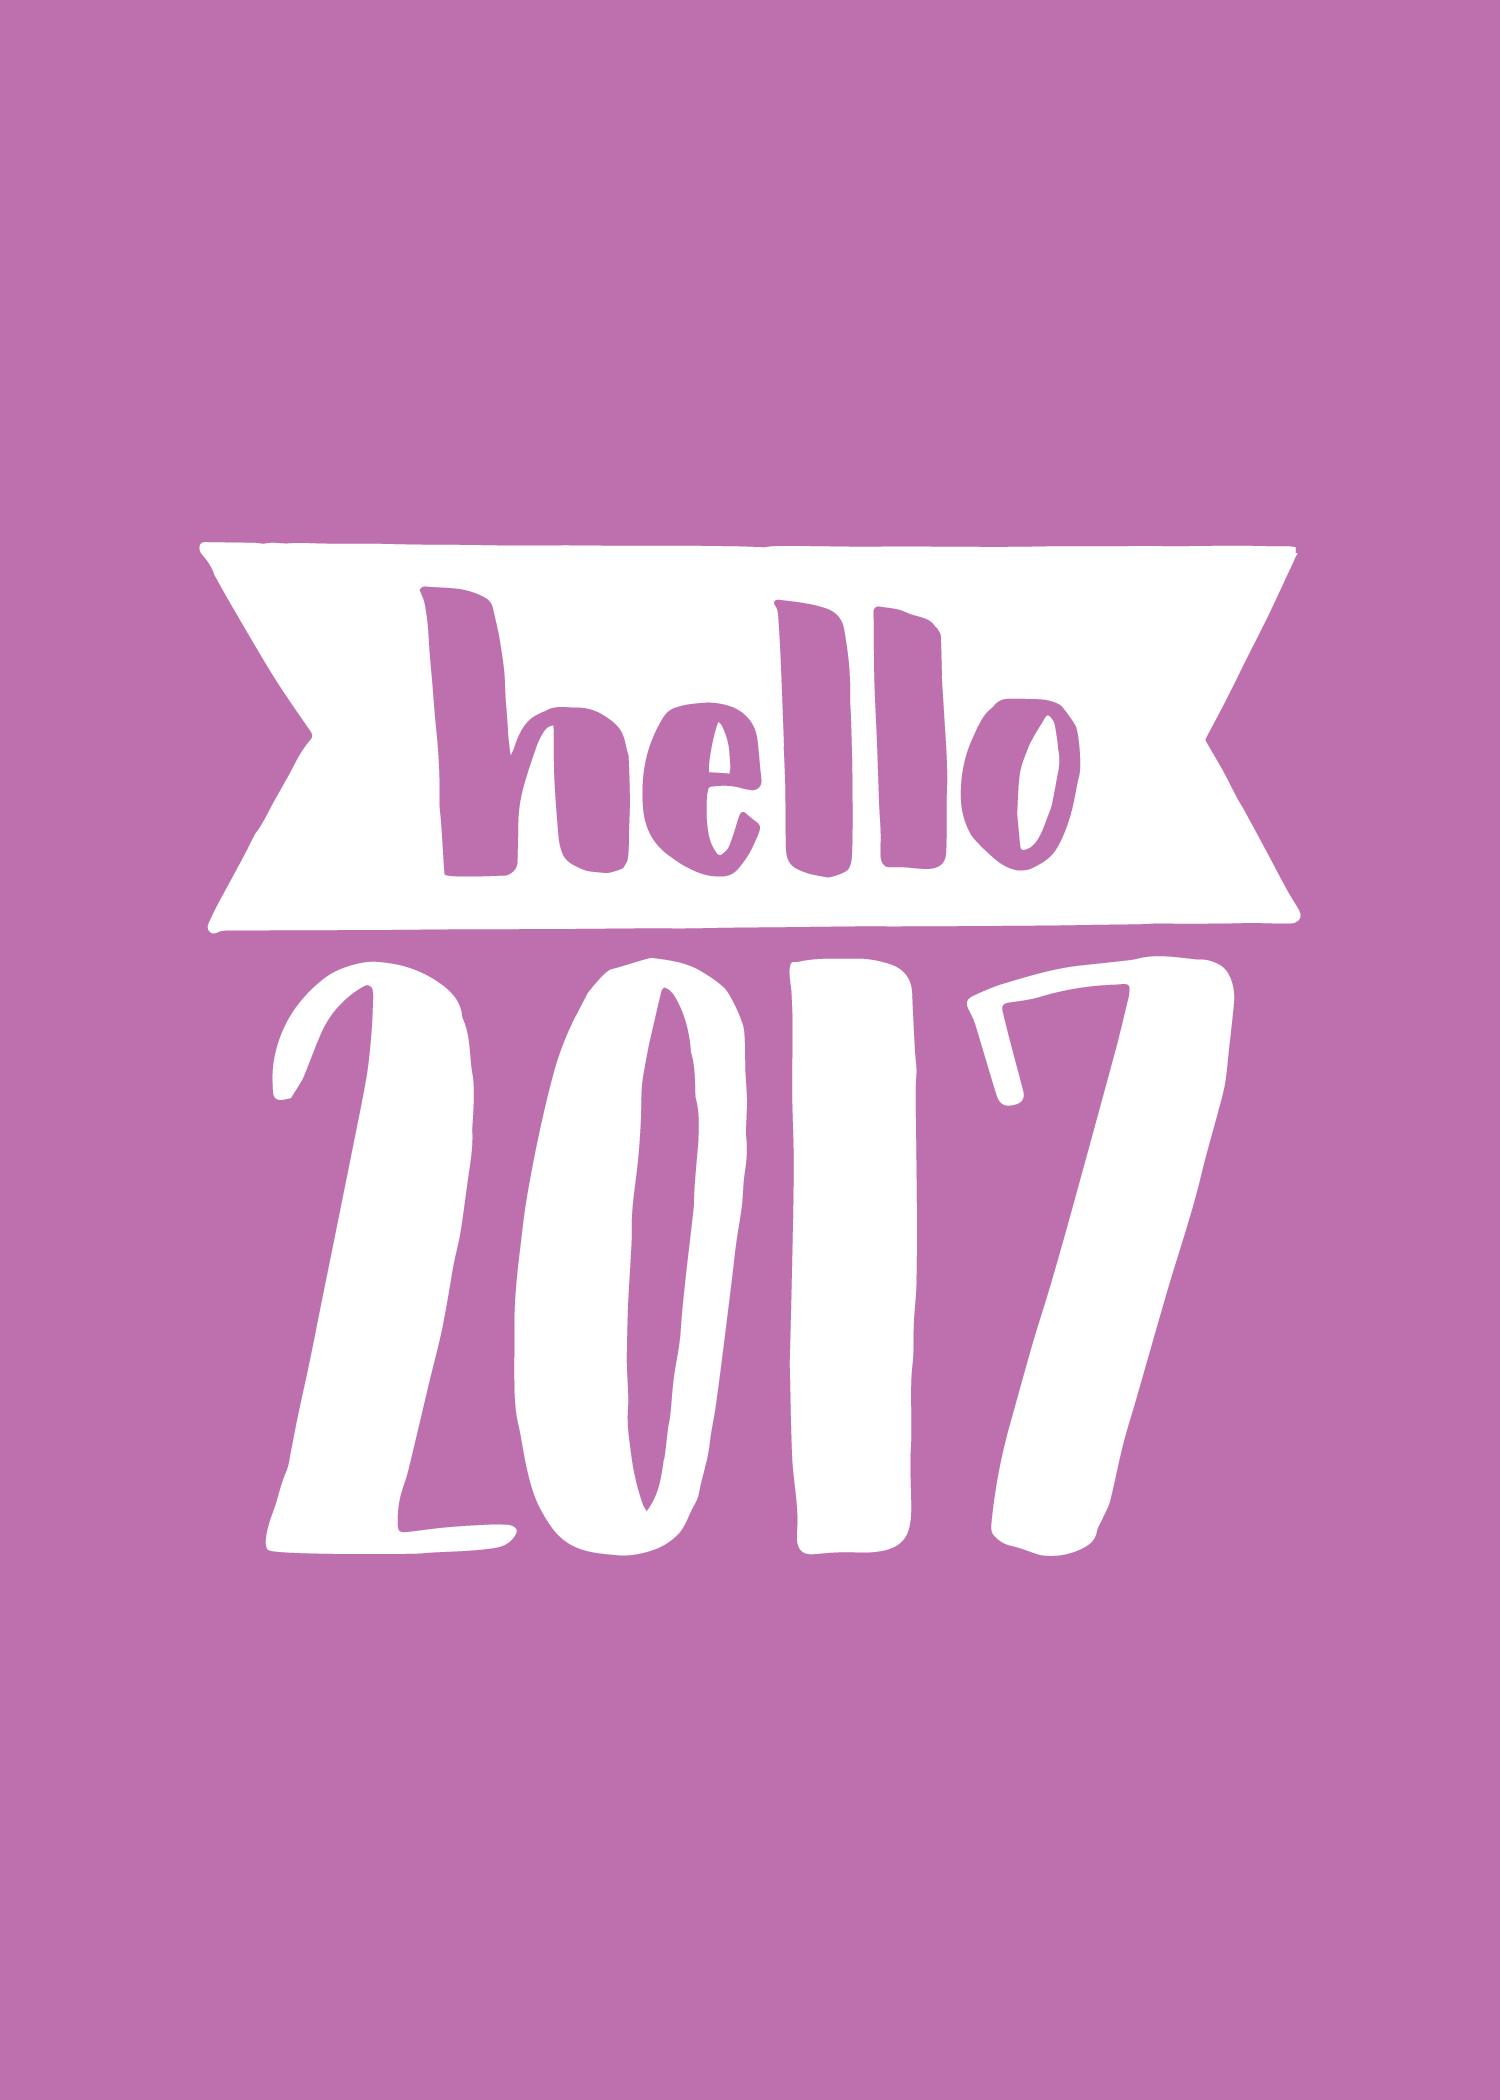 pbtt-hello-2017-print-orchid